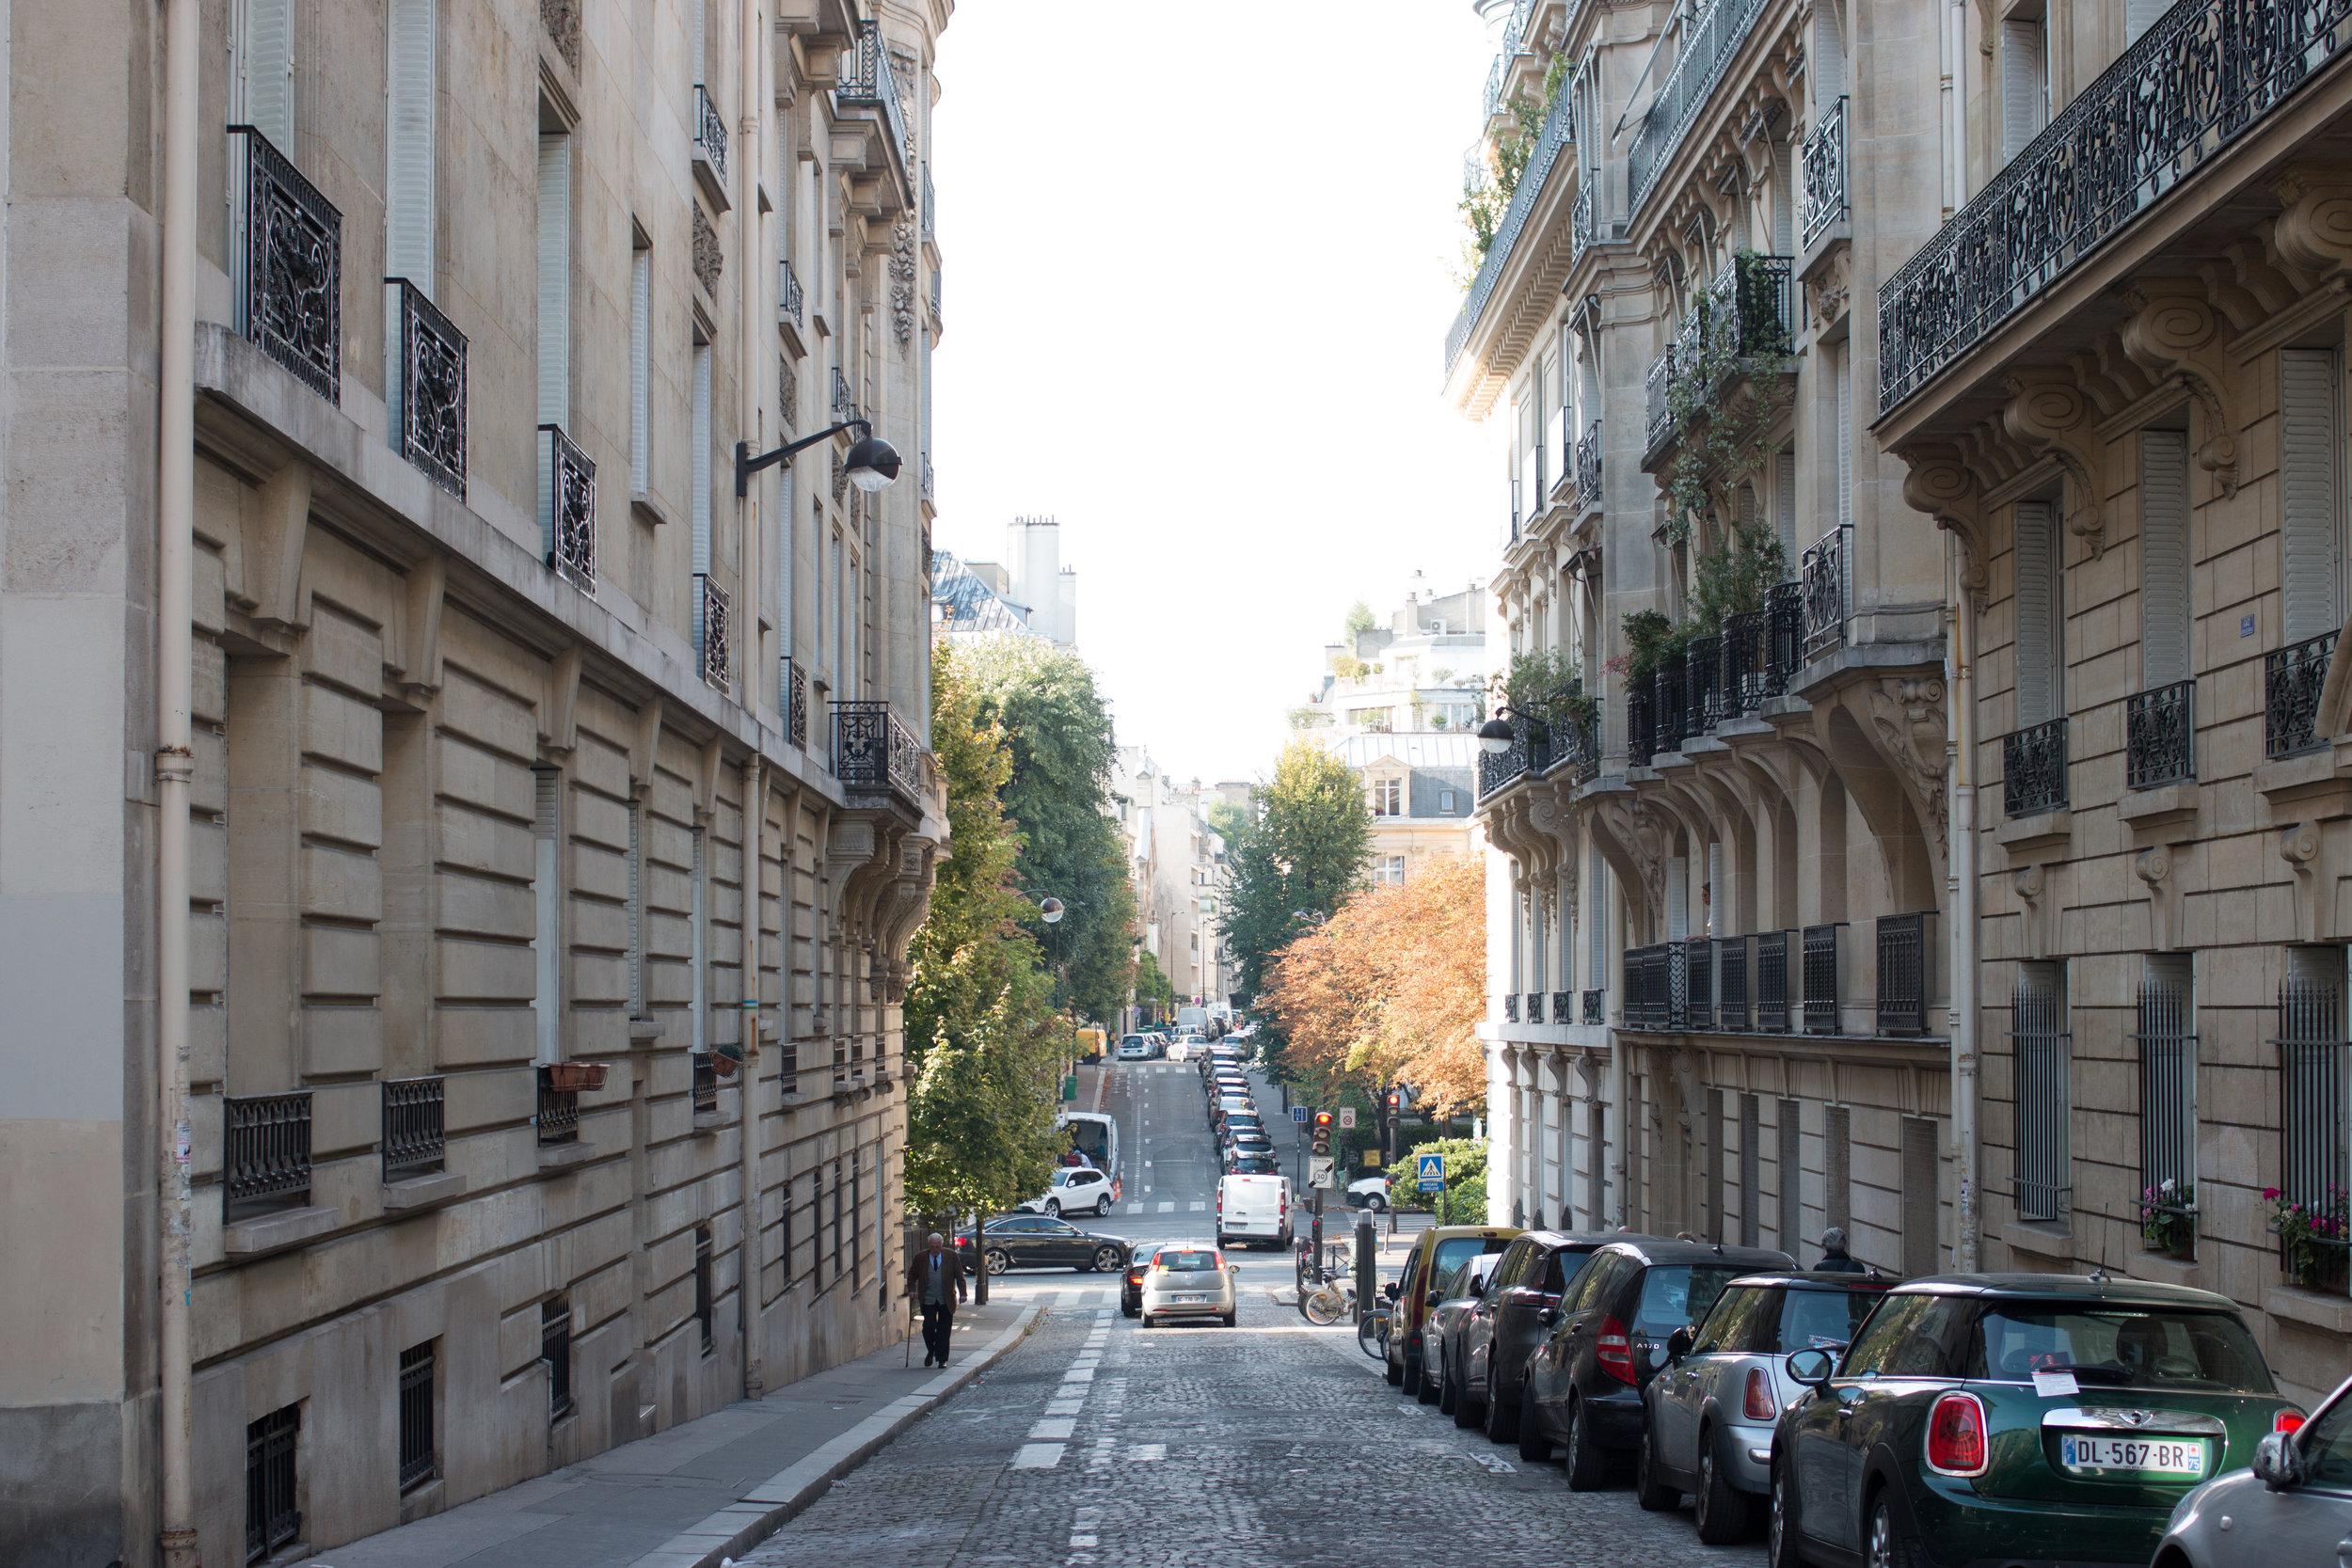 paris 16th arrondissement street view